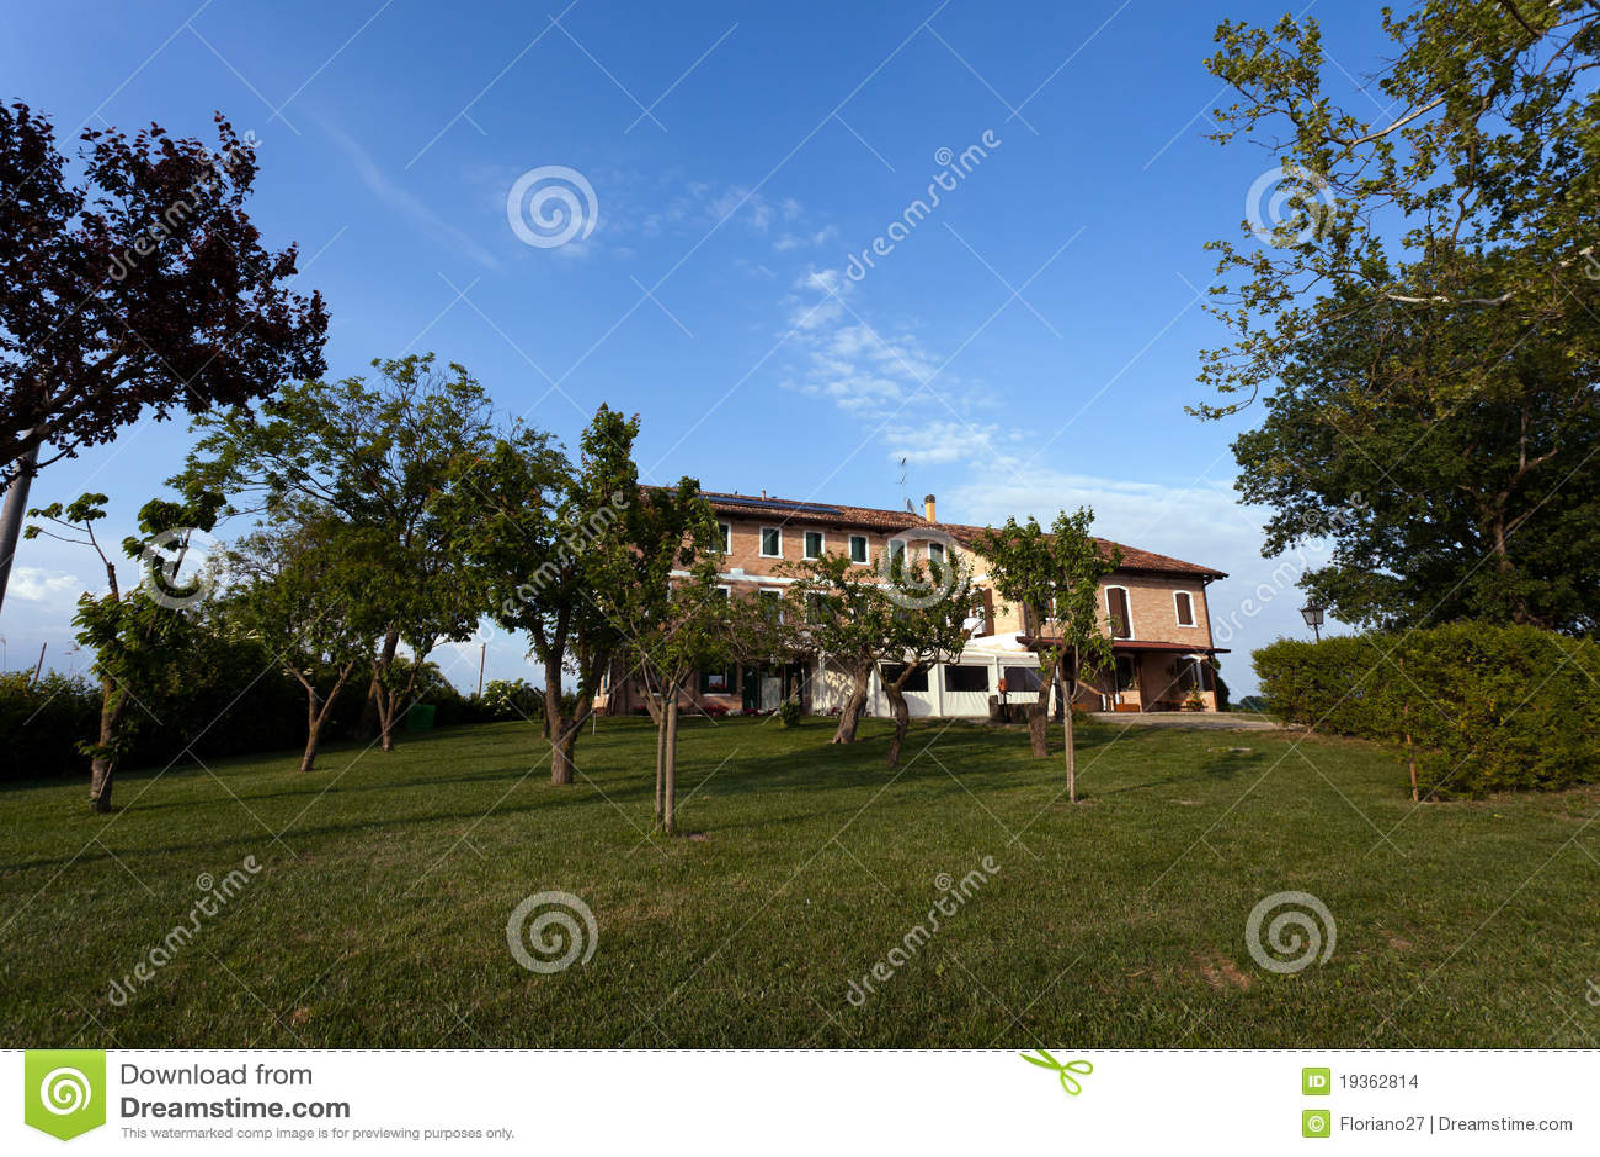 Turismo rural em Véneto, Italy